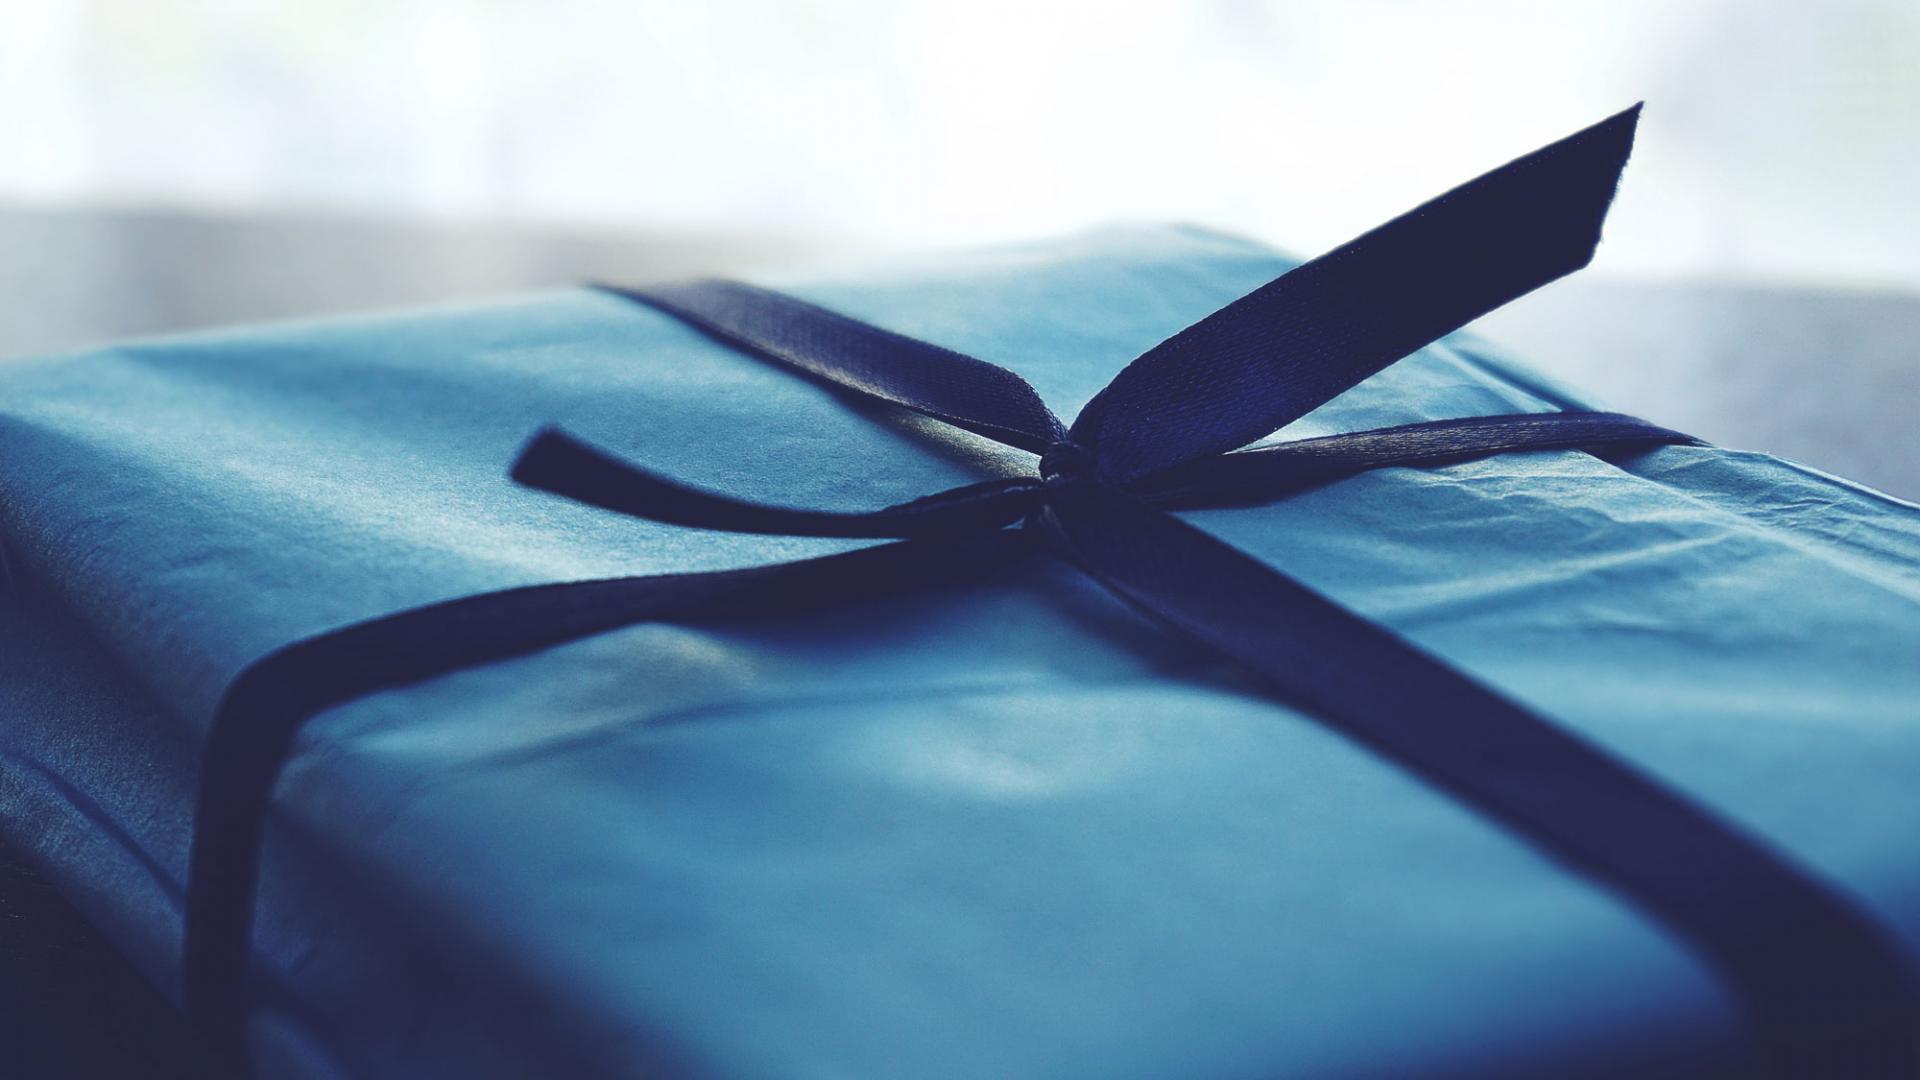 Что подарить нановый год? 8 идей разнообразных подарков